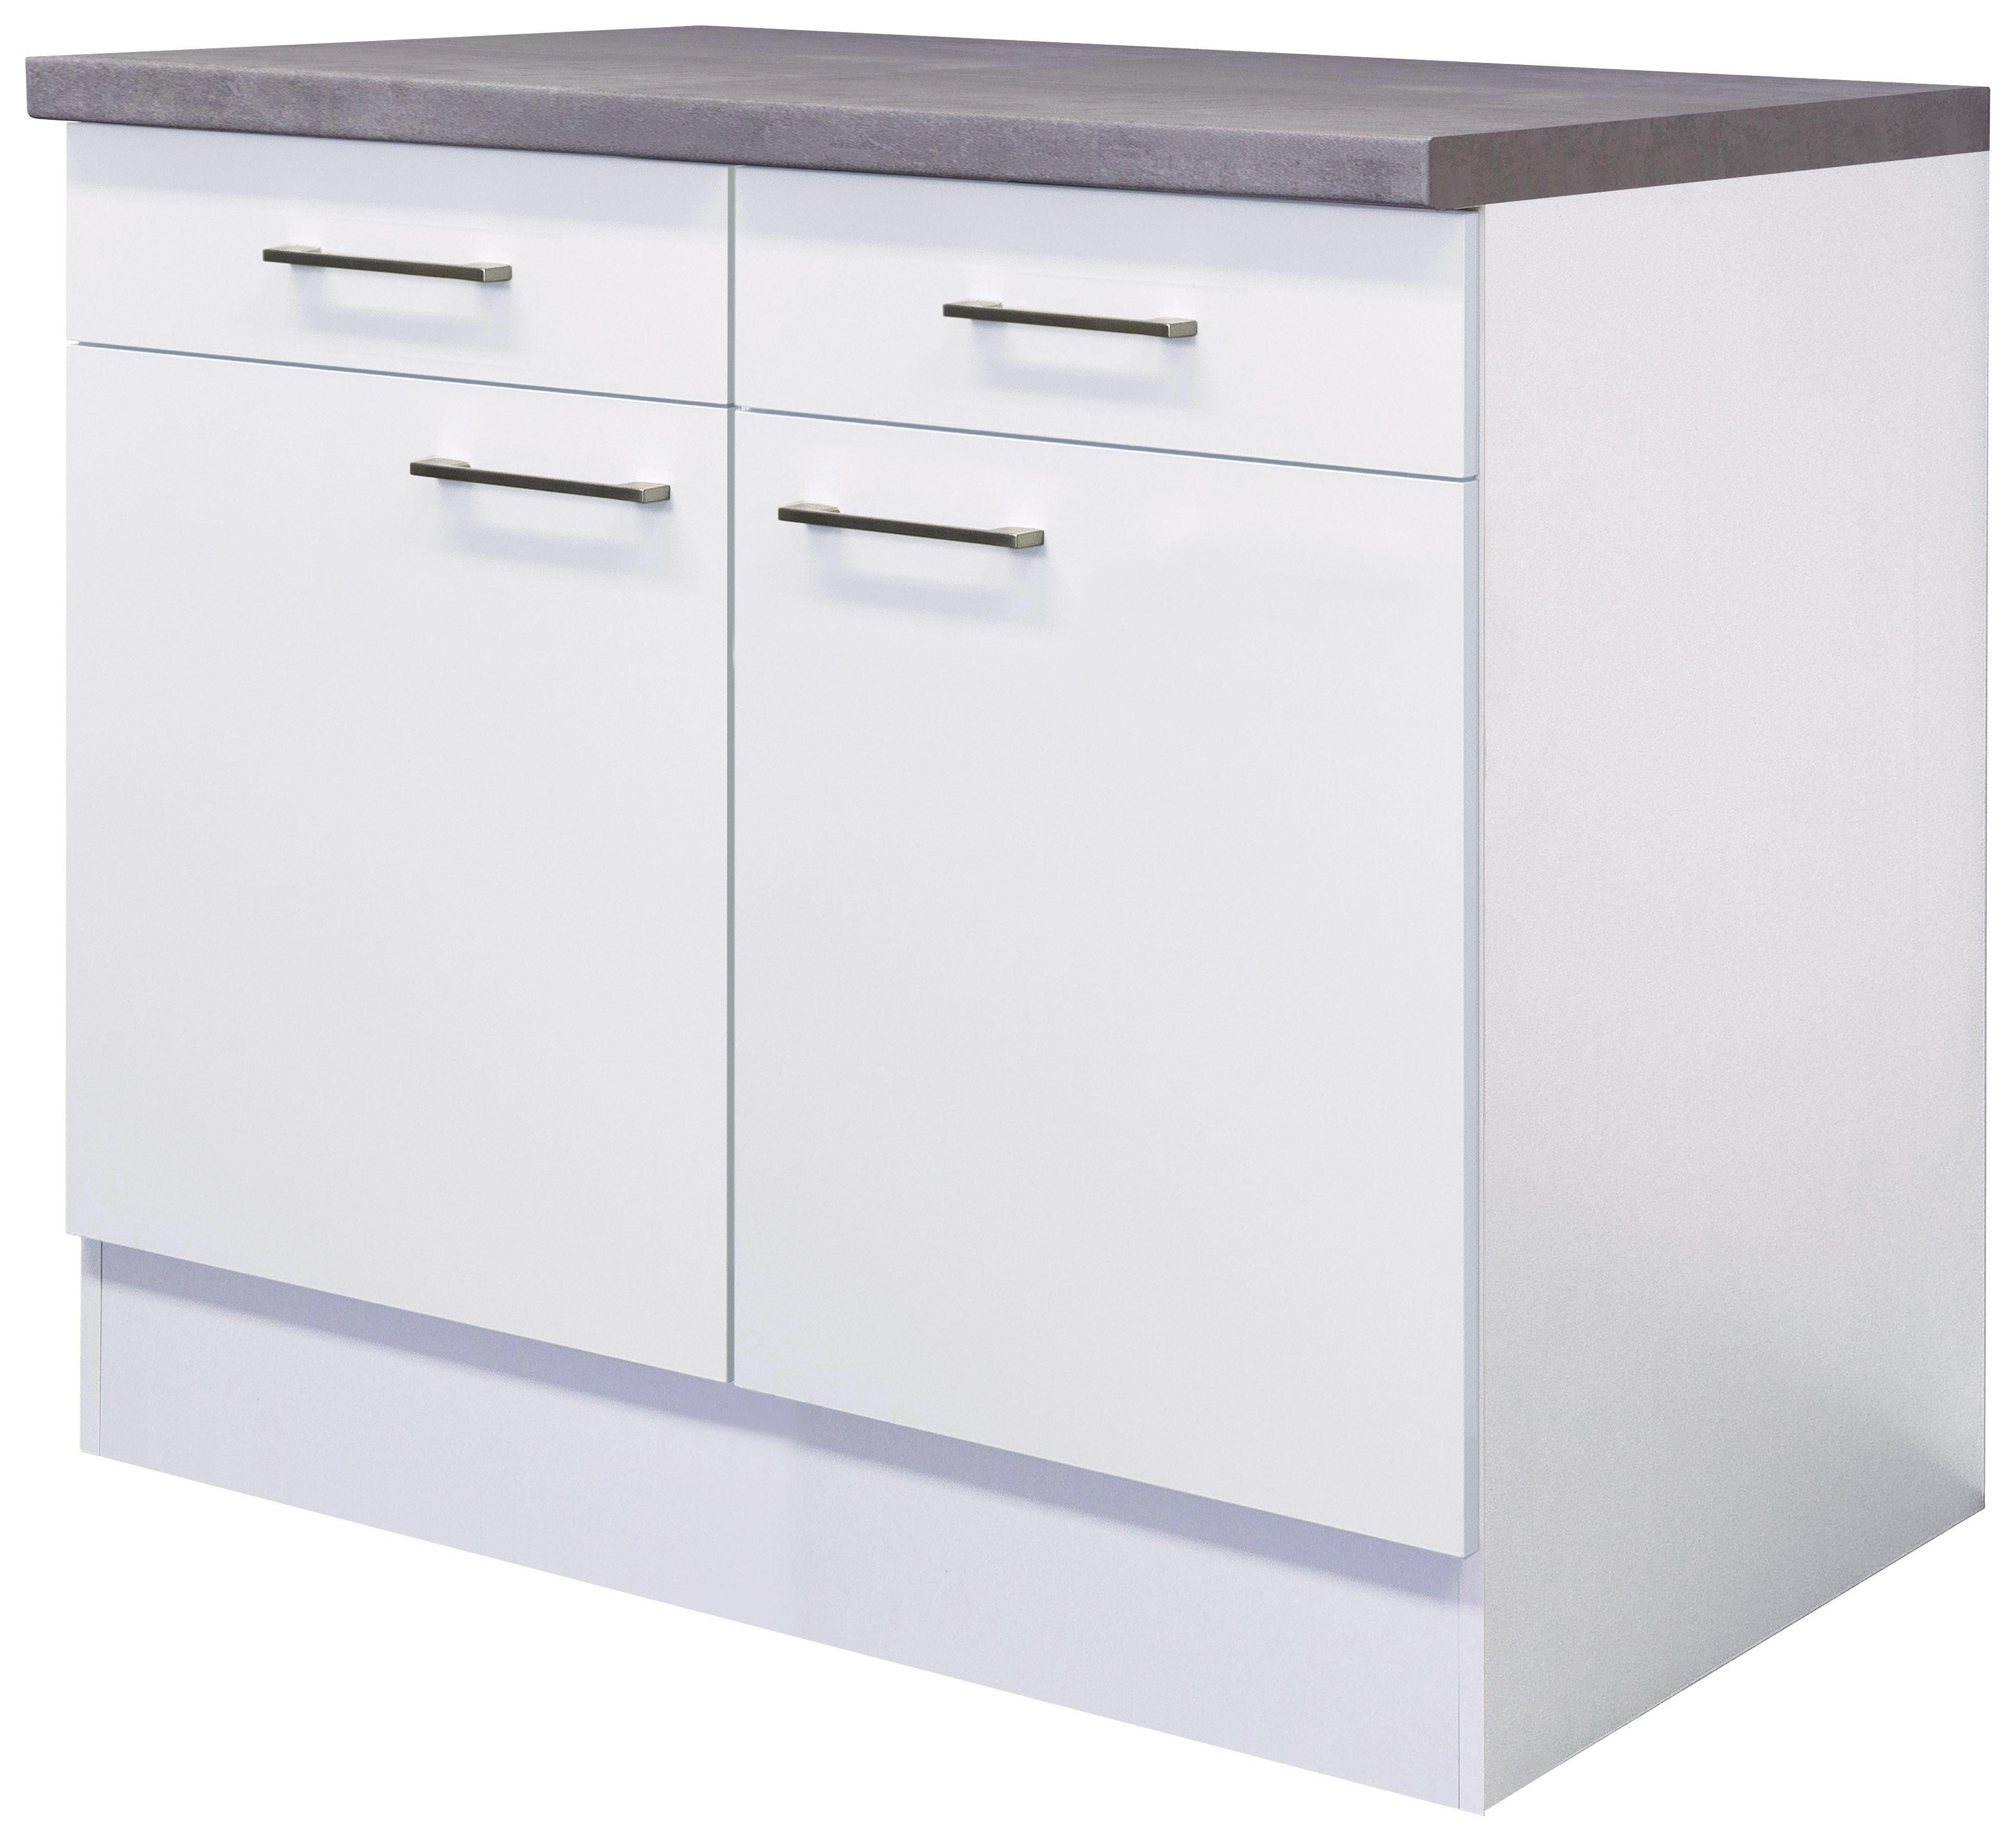 Küchenunterschrank weiß küchenunterschrank in weiß online kaufen ➤ mömax